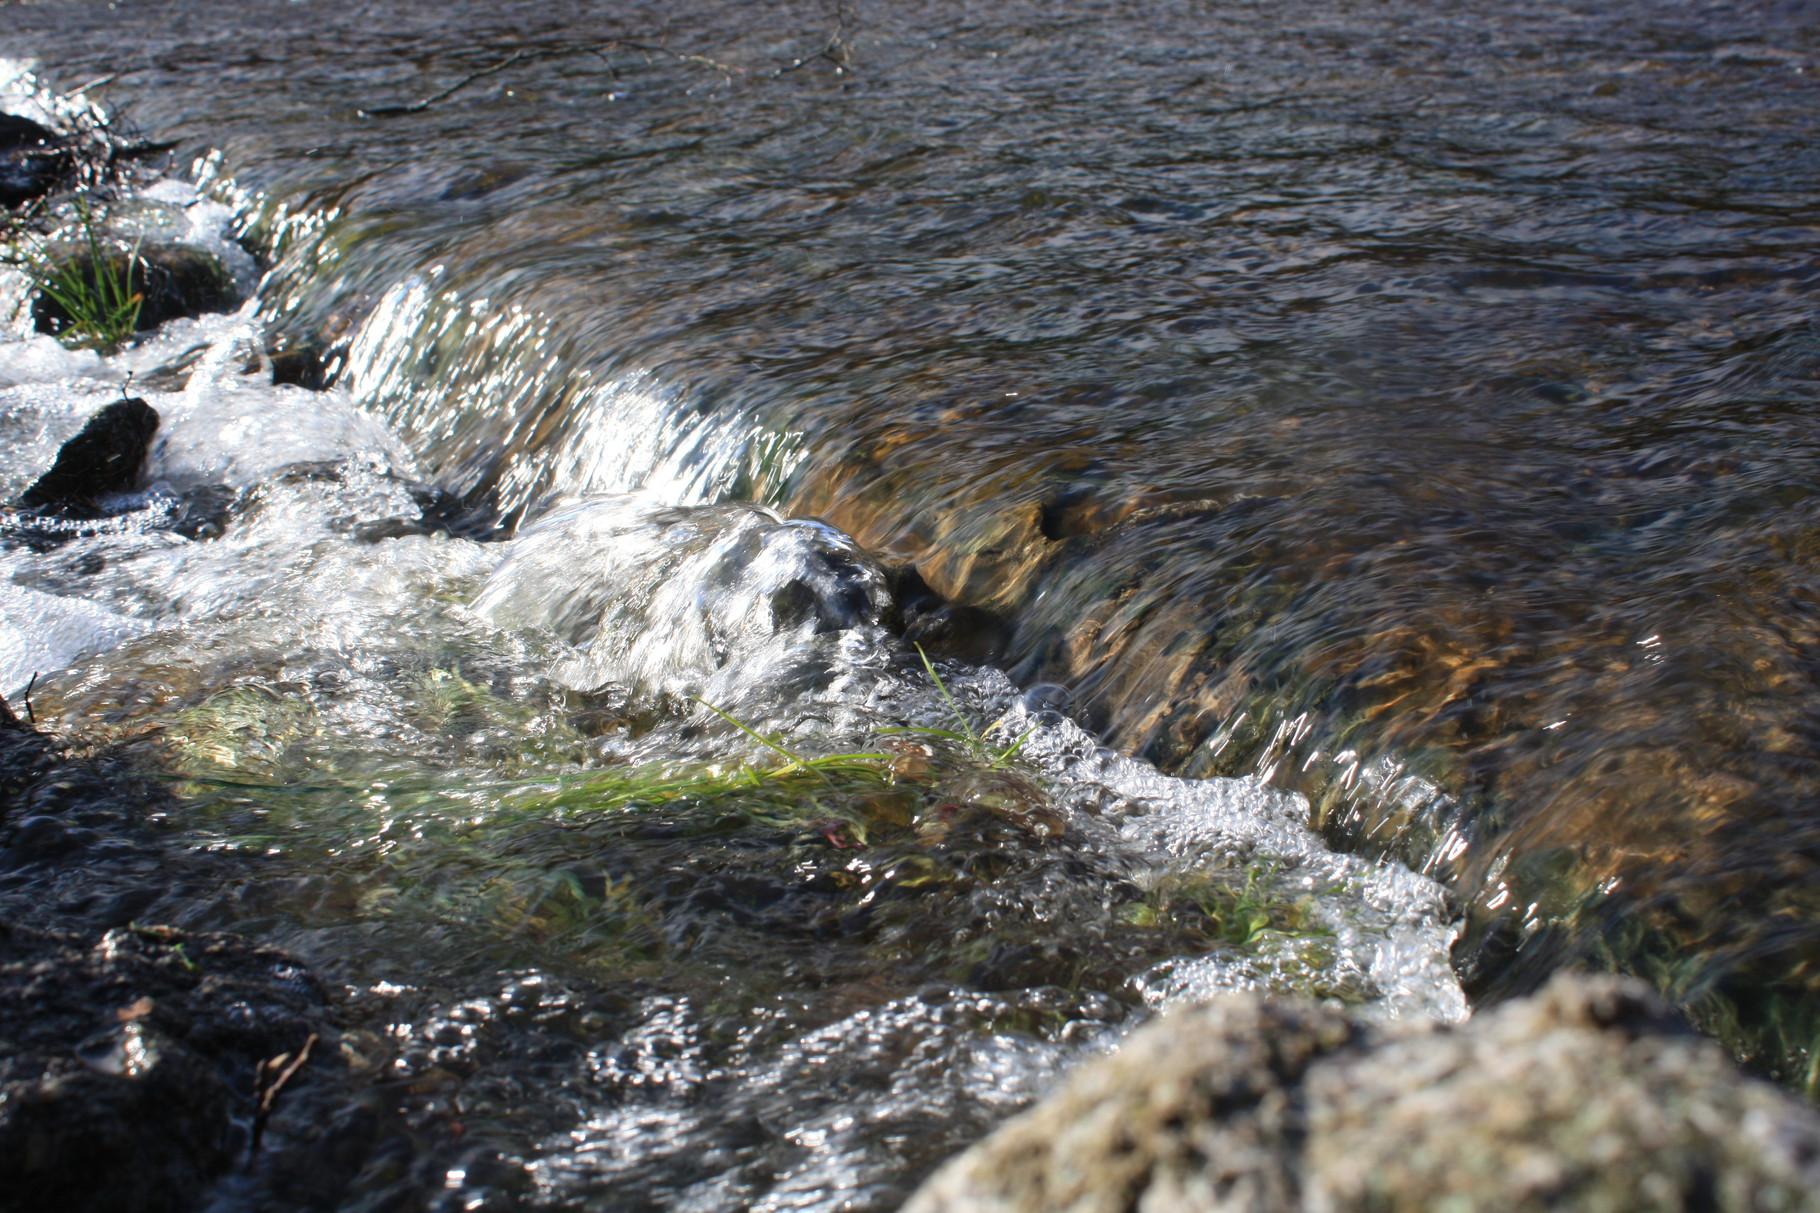 Das Element Wasser entspricht dem Winter